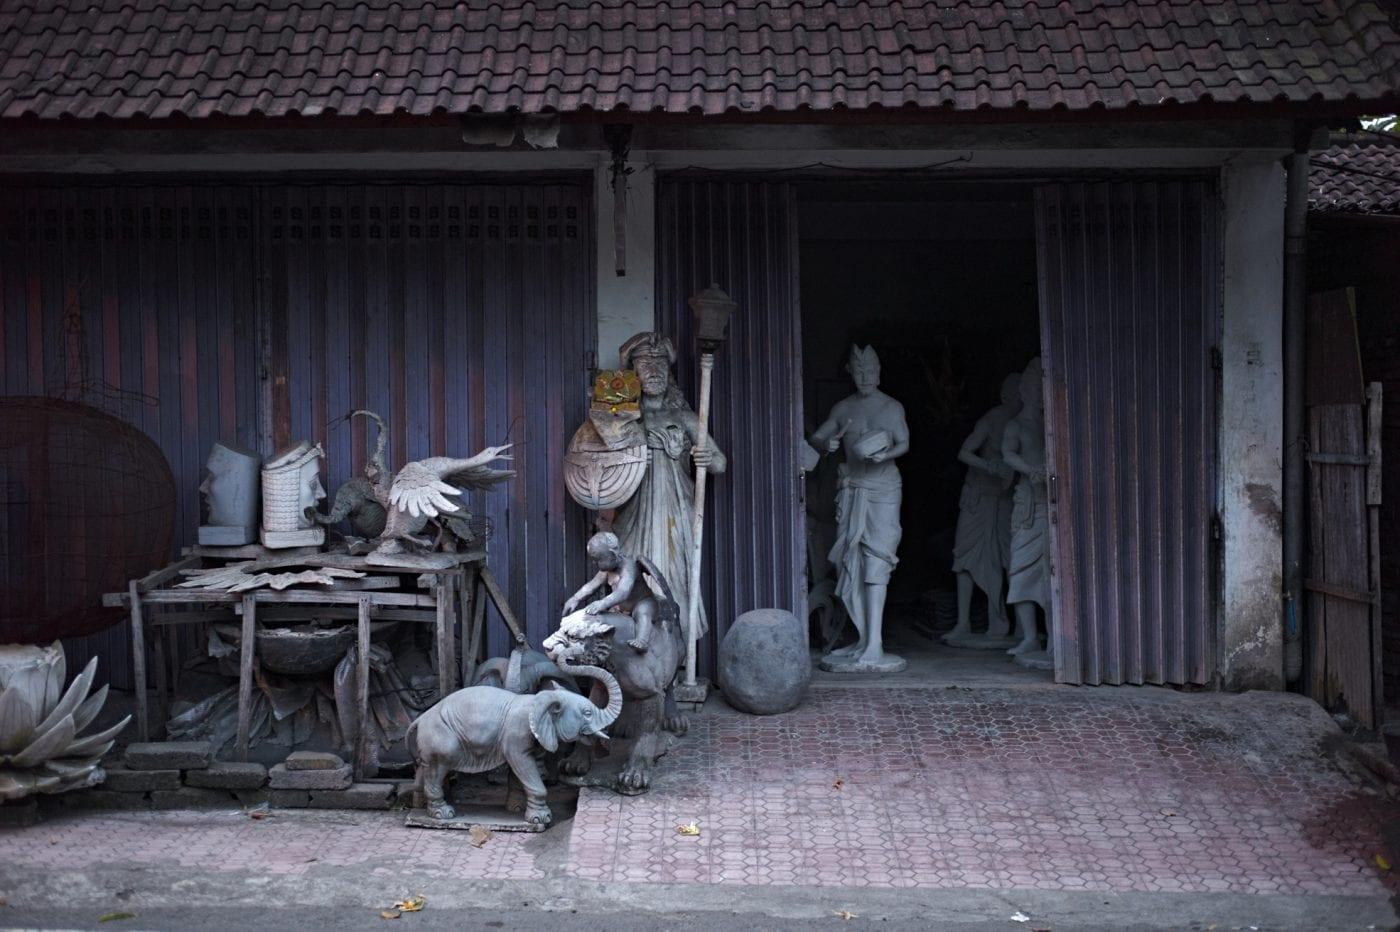 2013 in Bali – Still